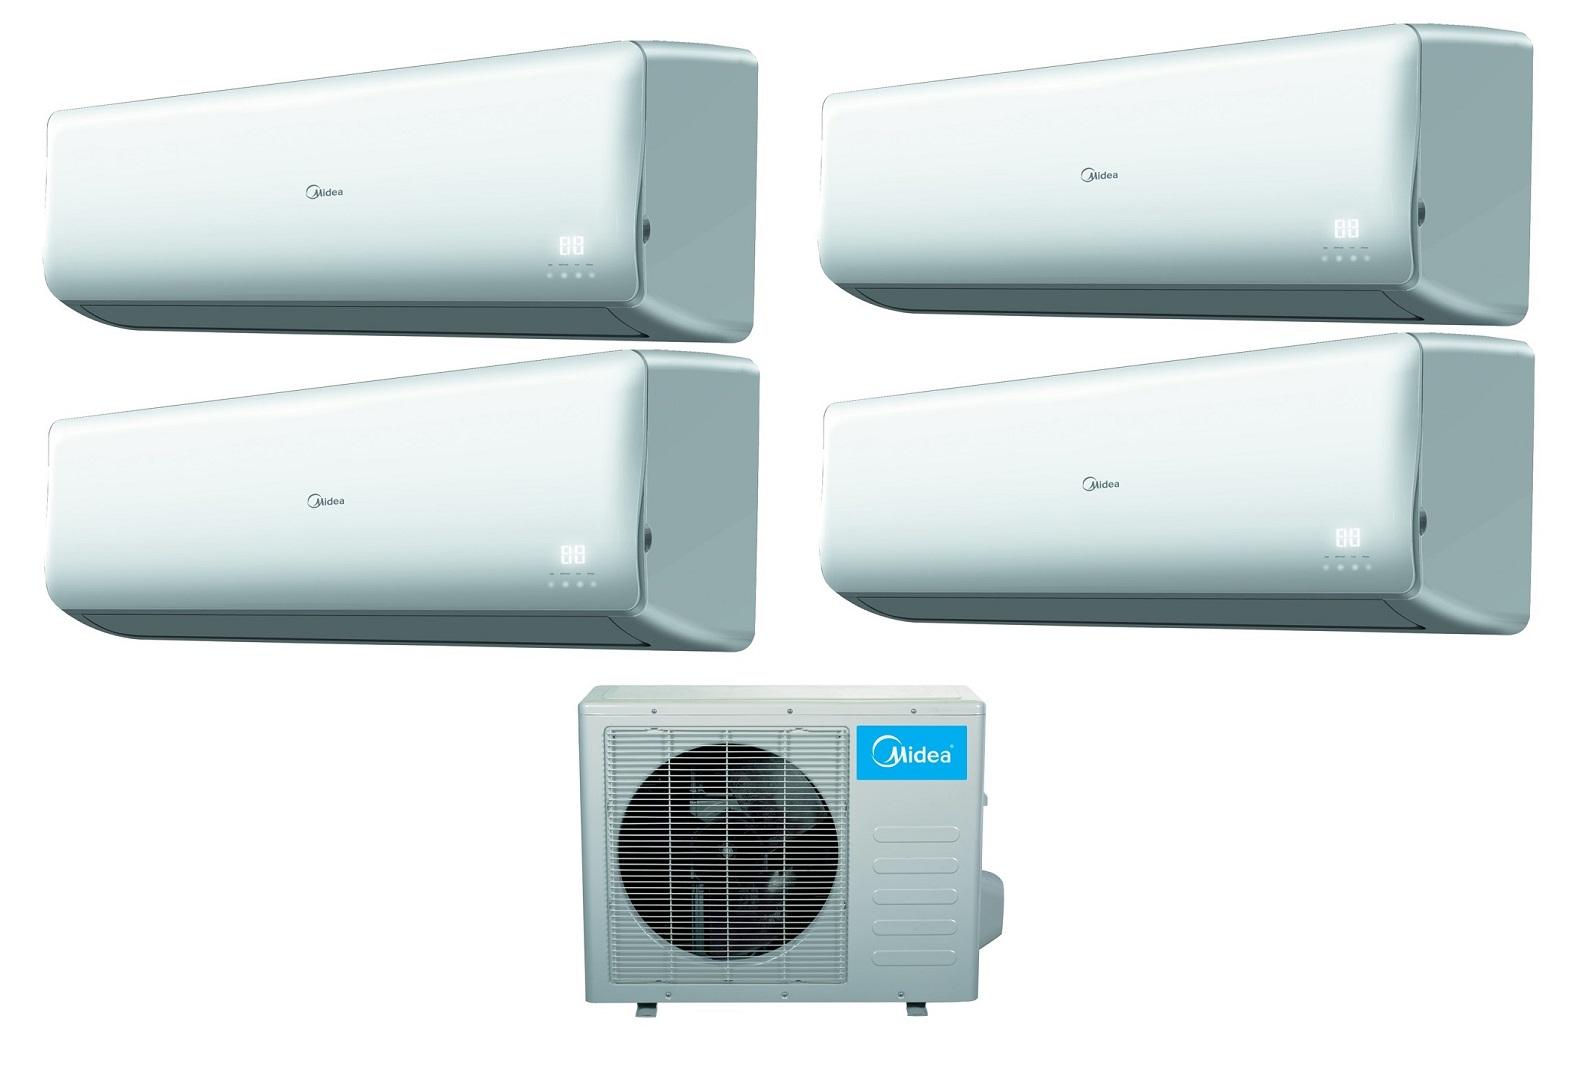 Midea 16 Seer 4 Room 4x9000btu Quad Zone Mini Split Heat Pump AC #0090CC